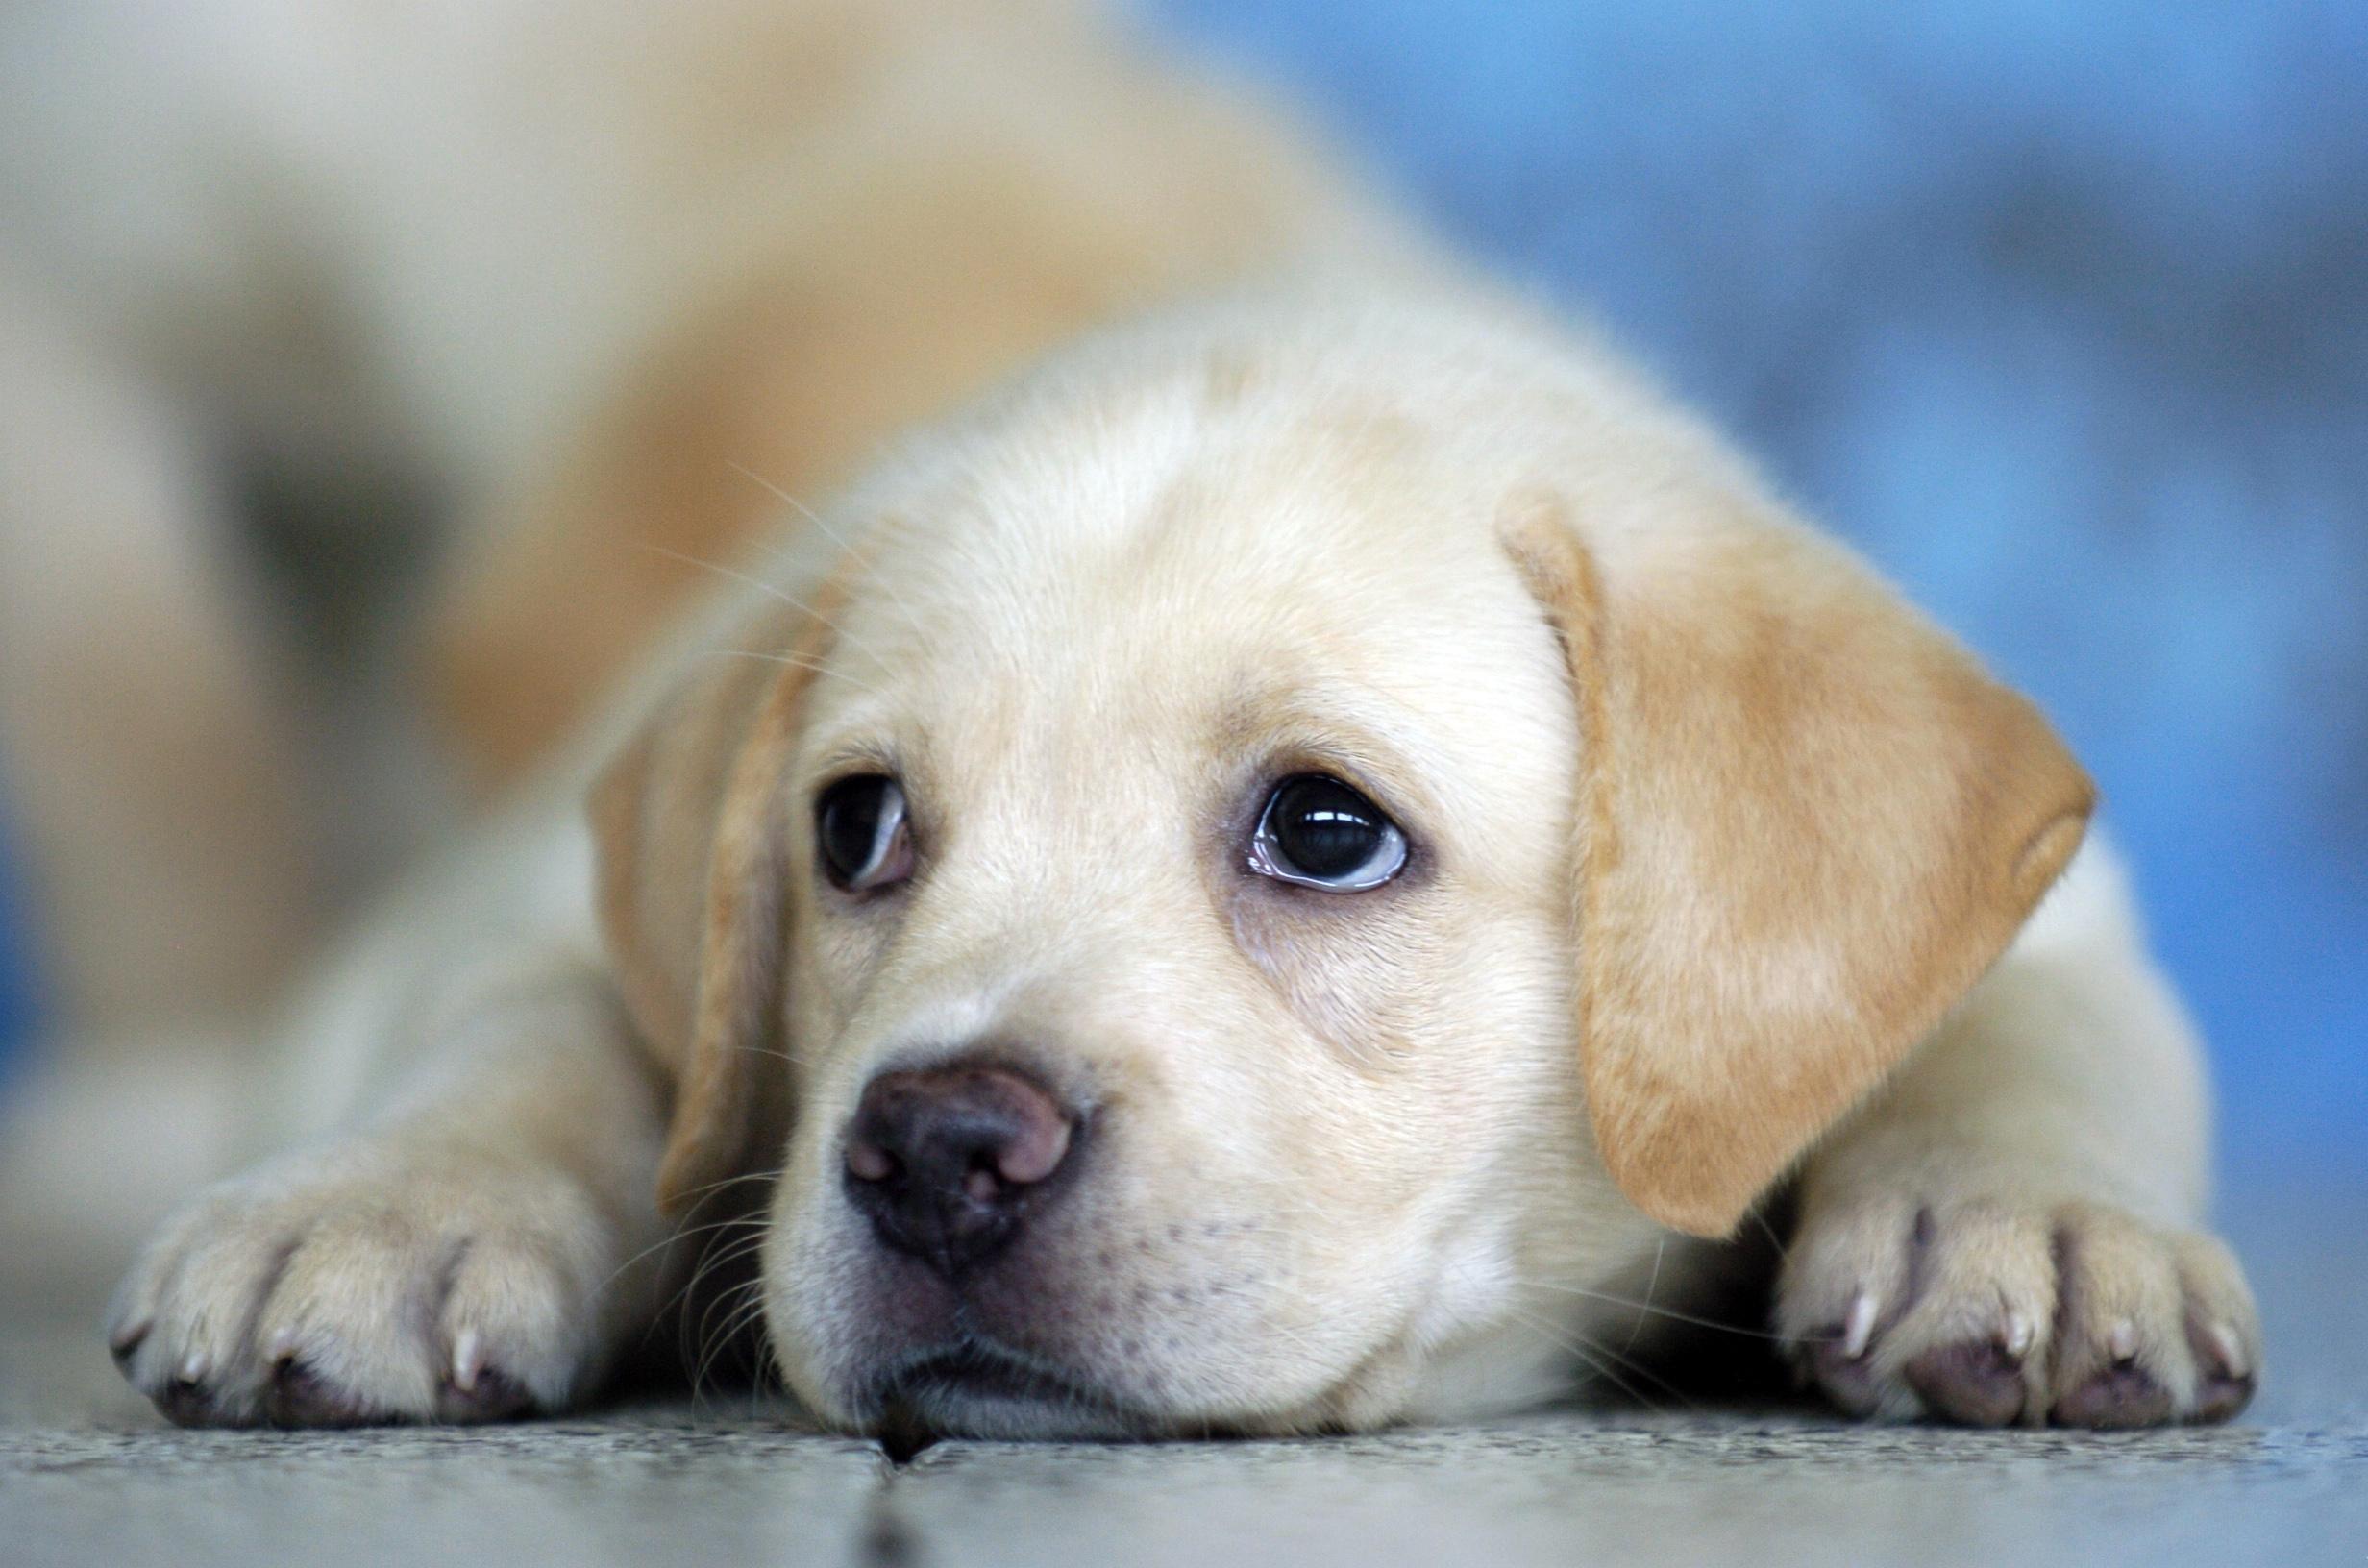 Too Cute Cute Labrador Puppies Labrador Retriever Puppies Puppies